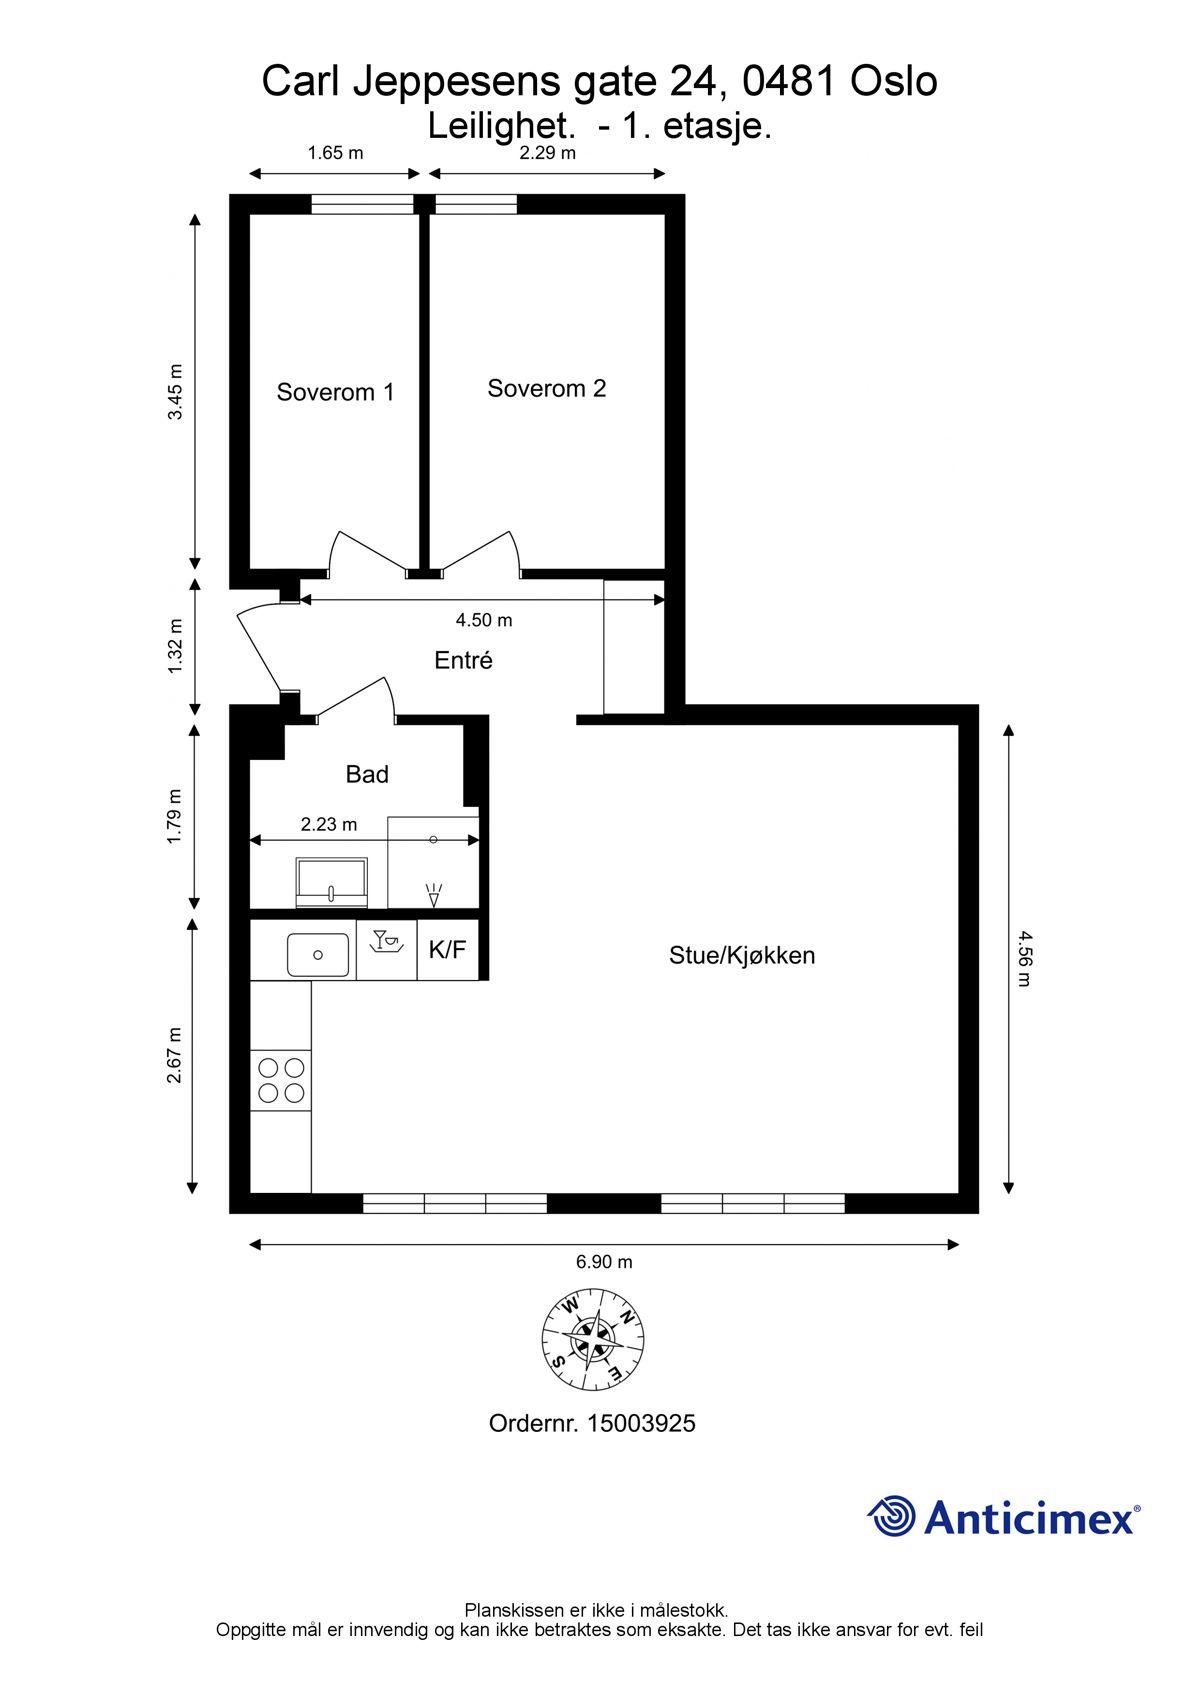 Carl Jeppesens gate 24 Plantegning. I tillegg disponerer leiligheten en kjellerbod på ca. 7m².